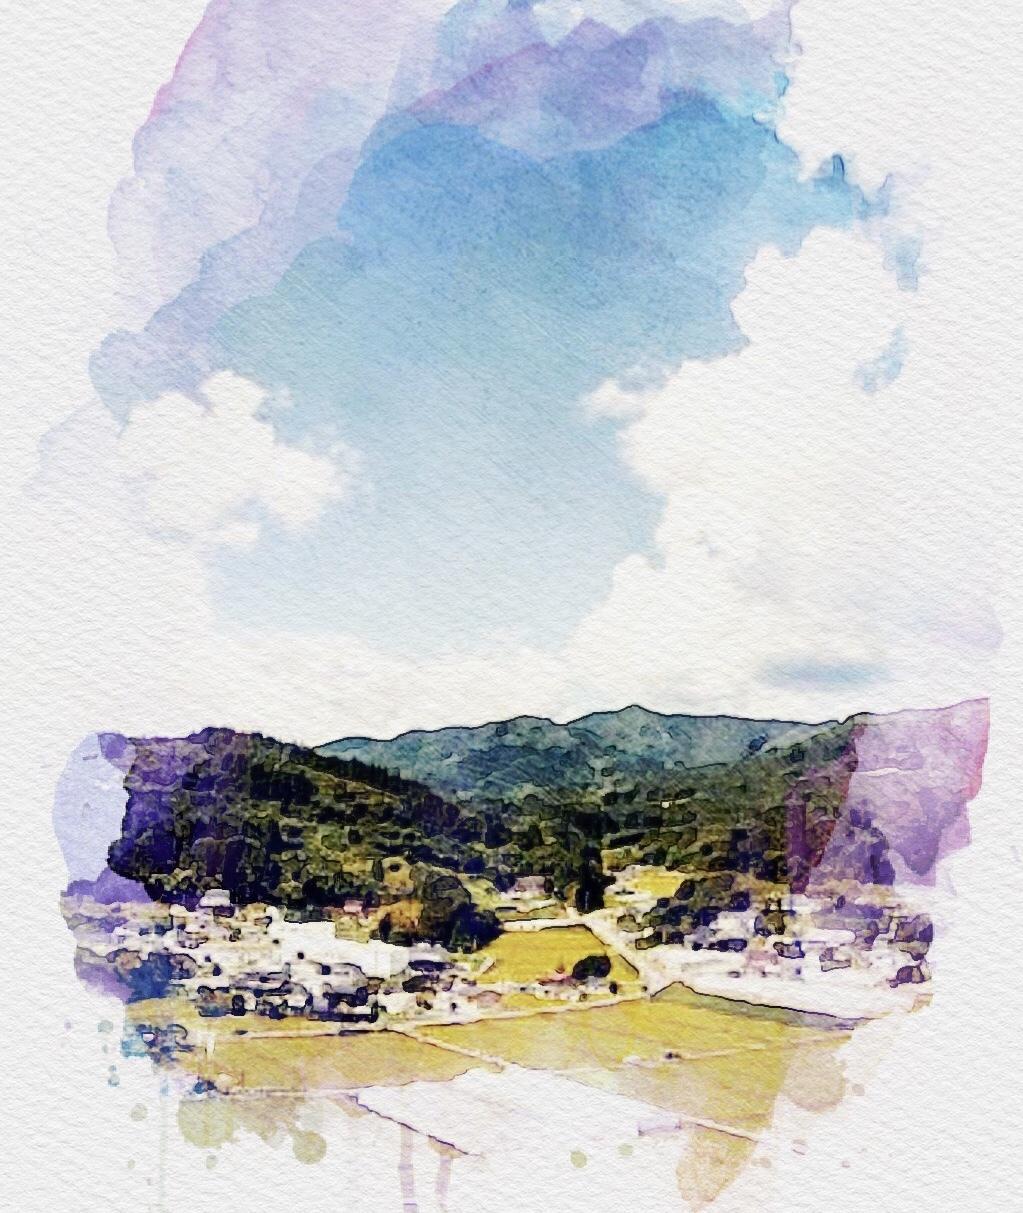 3枚まで♪】写真から水彩タッチに仕上げます お気に入りの写真をもっと魅力的に♪ペットや風景の写真もOK☆